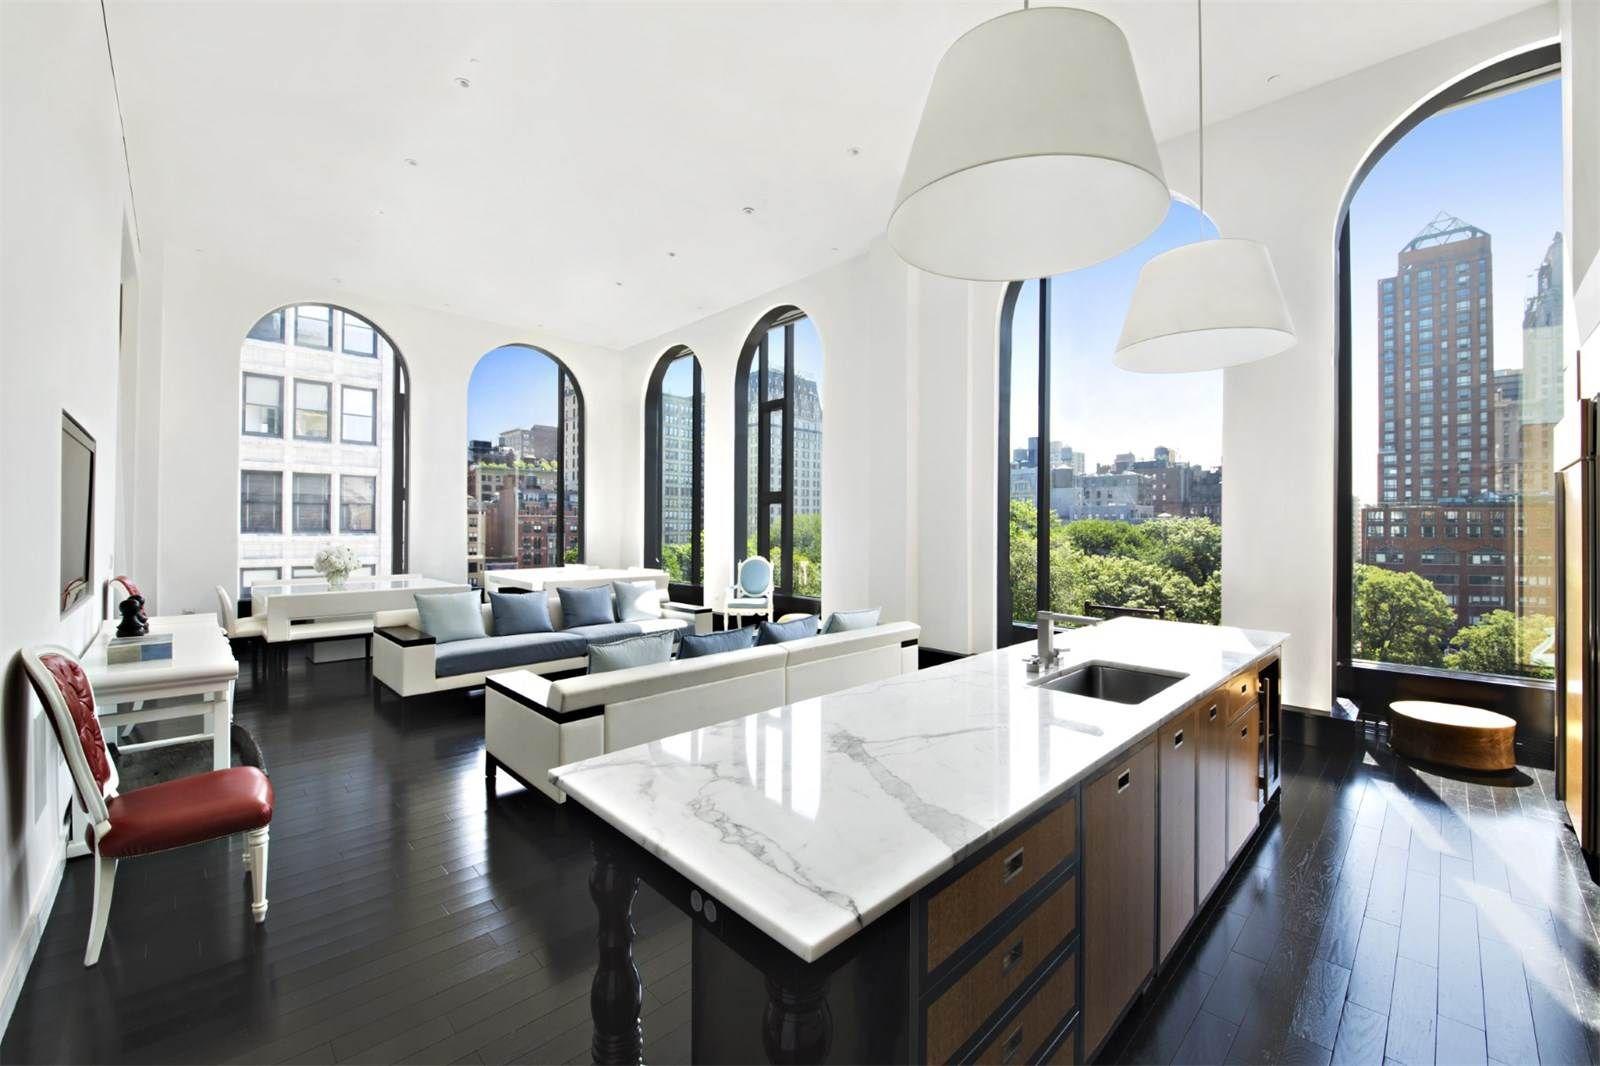 Condominium for sale at 15 Union Square West Apt 6B New